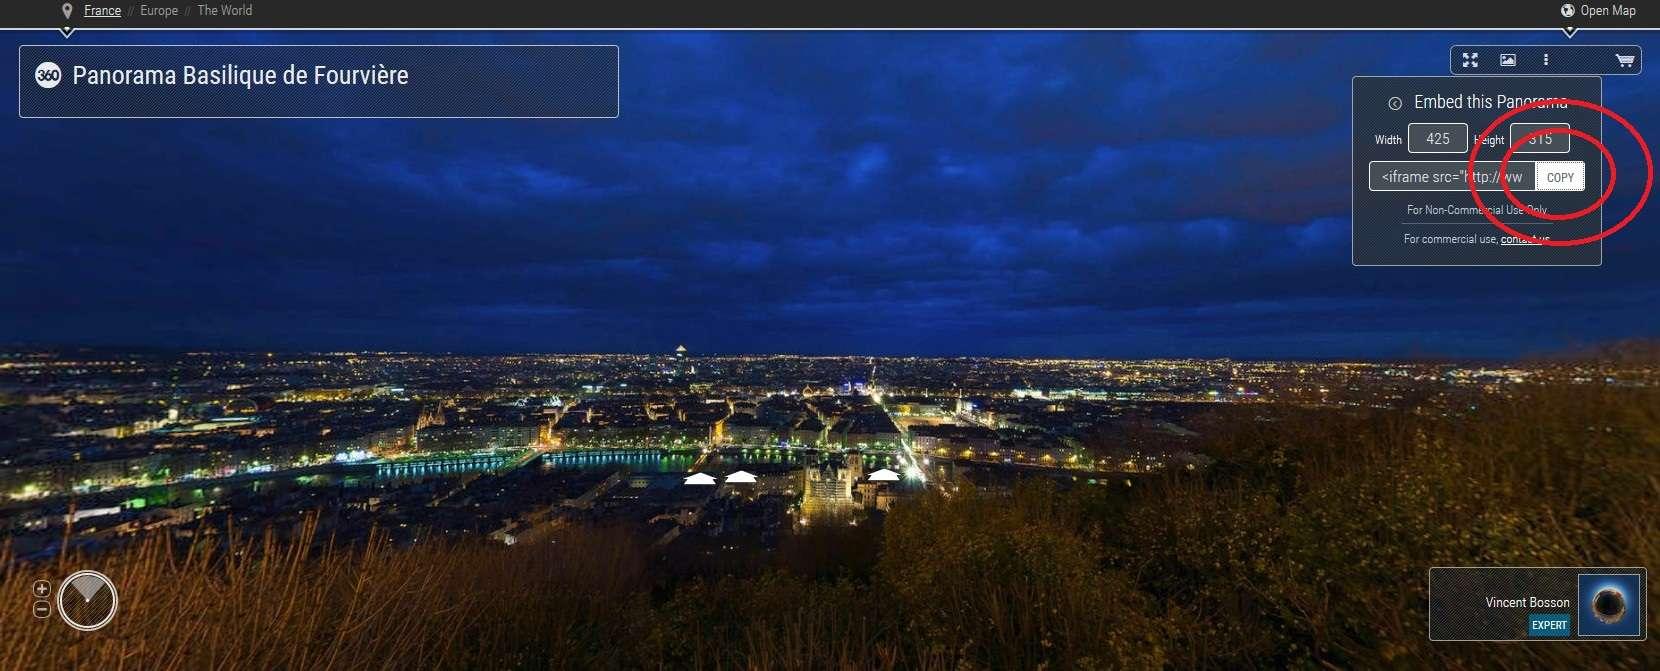 Photos 360° cities : comment les insérer dans un post??? [Astuces du forum] - Page 4 Sans_130